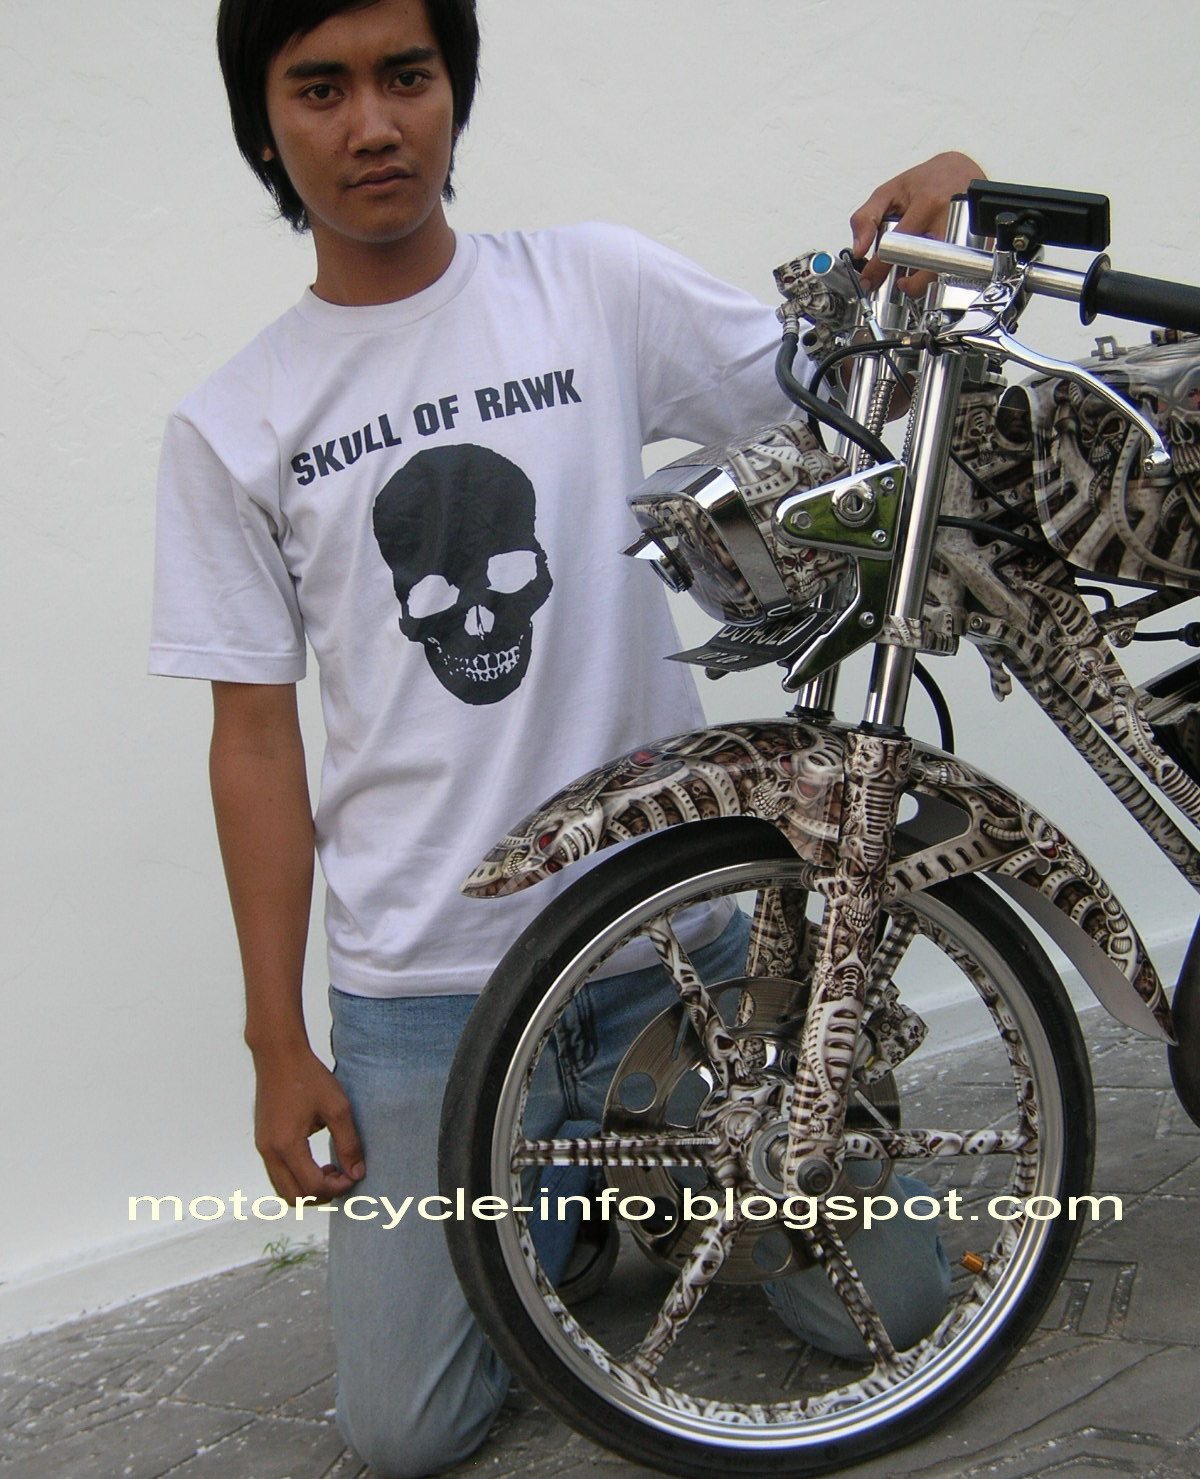 http://1.bp.blogspot.com/_mwzxyywxcGA/TFetSYUuSRI/AAAAAAAAA1M/IfNkJ8ipA8w/s1600/foto+rx+king+air+brush+skull+modifikasi+yamaha.jpg